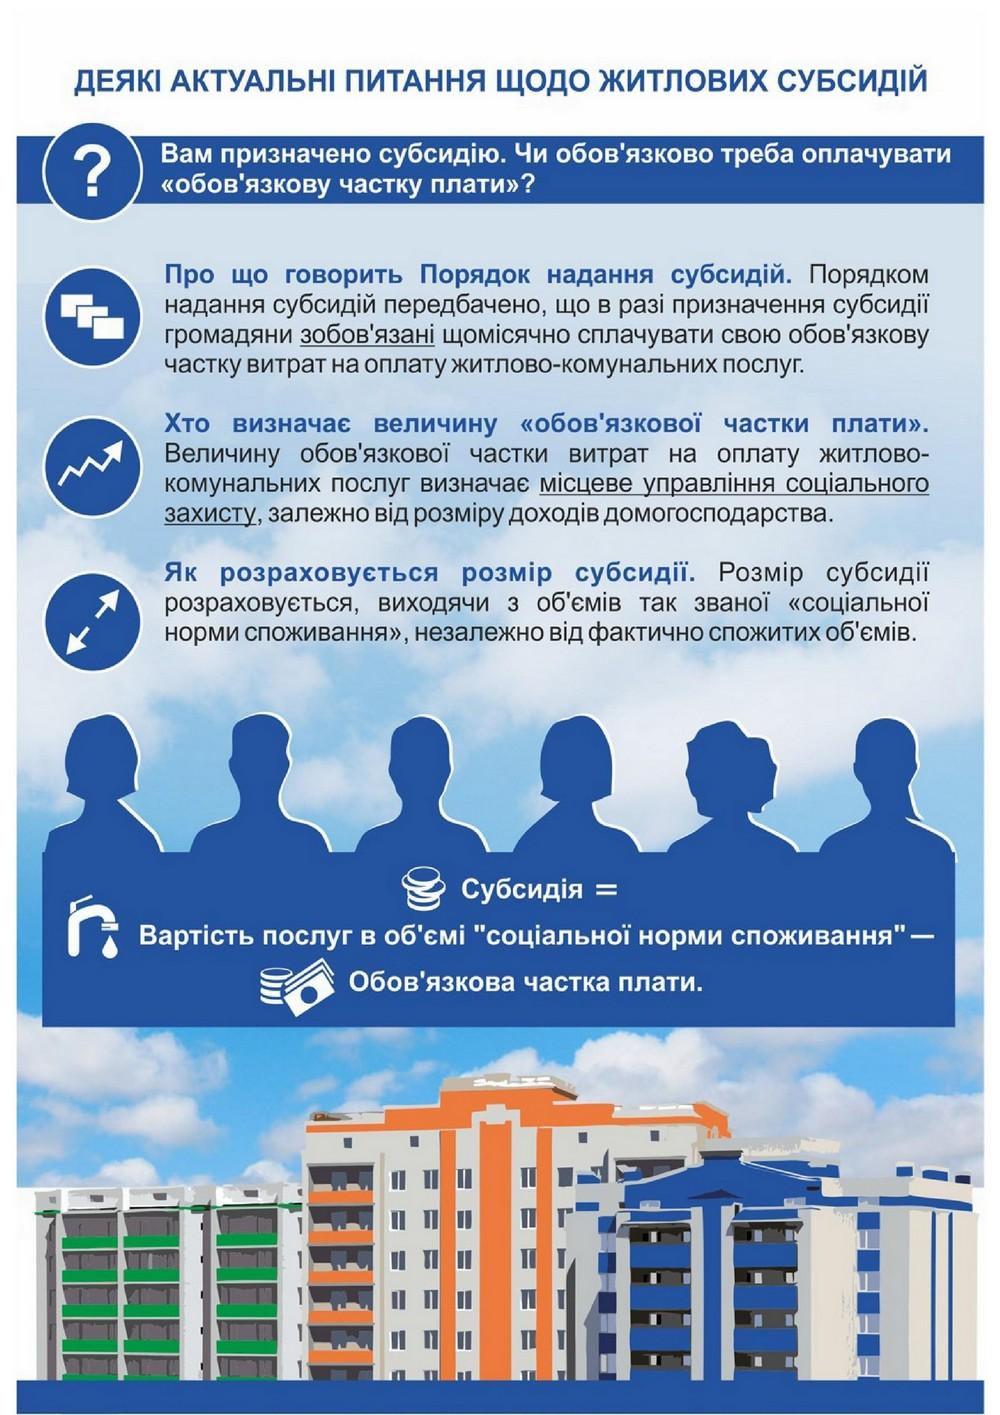 """Деякі актуальні питання щодо житлових субсидій 1 (Інформацію взято із сайту """"Інститут місцевого розвитку"""")"""